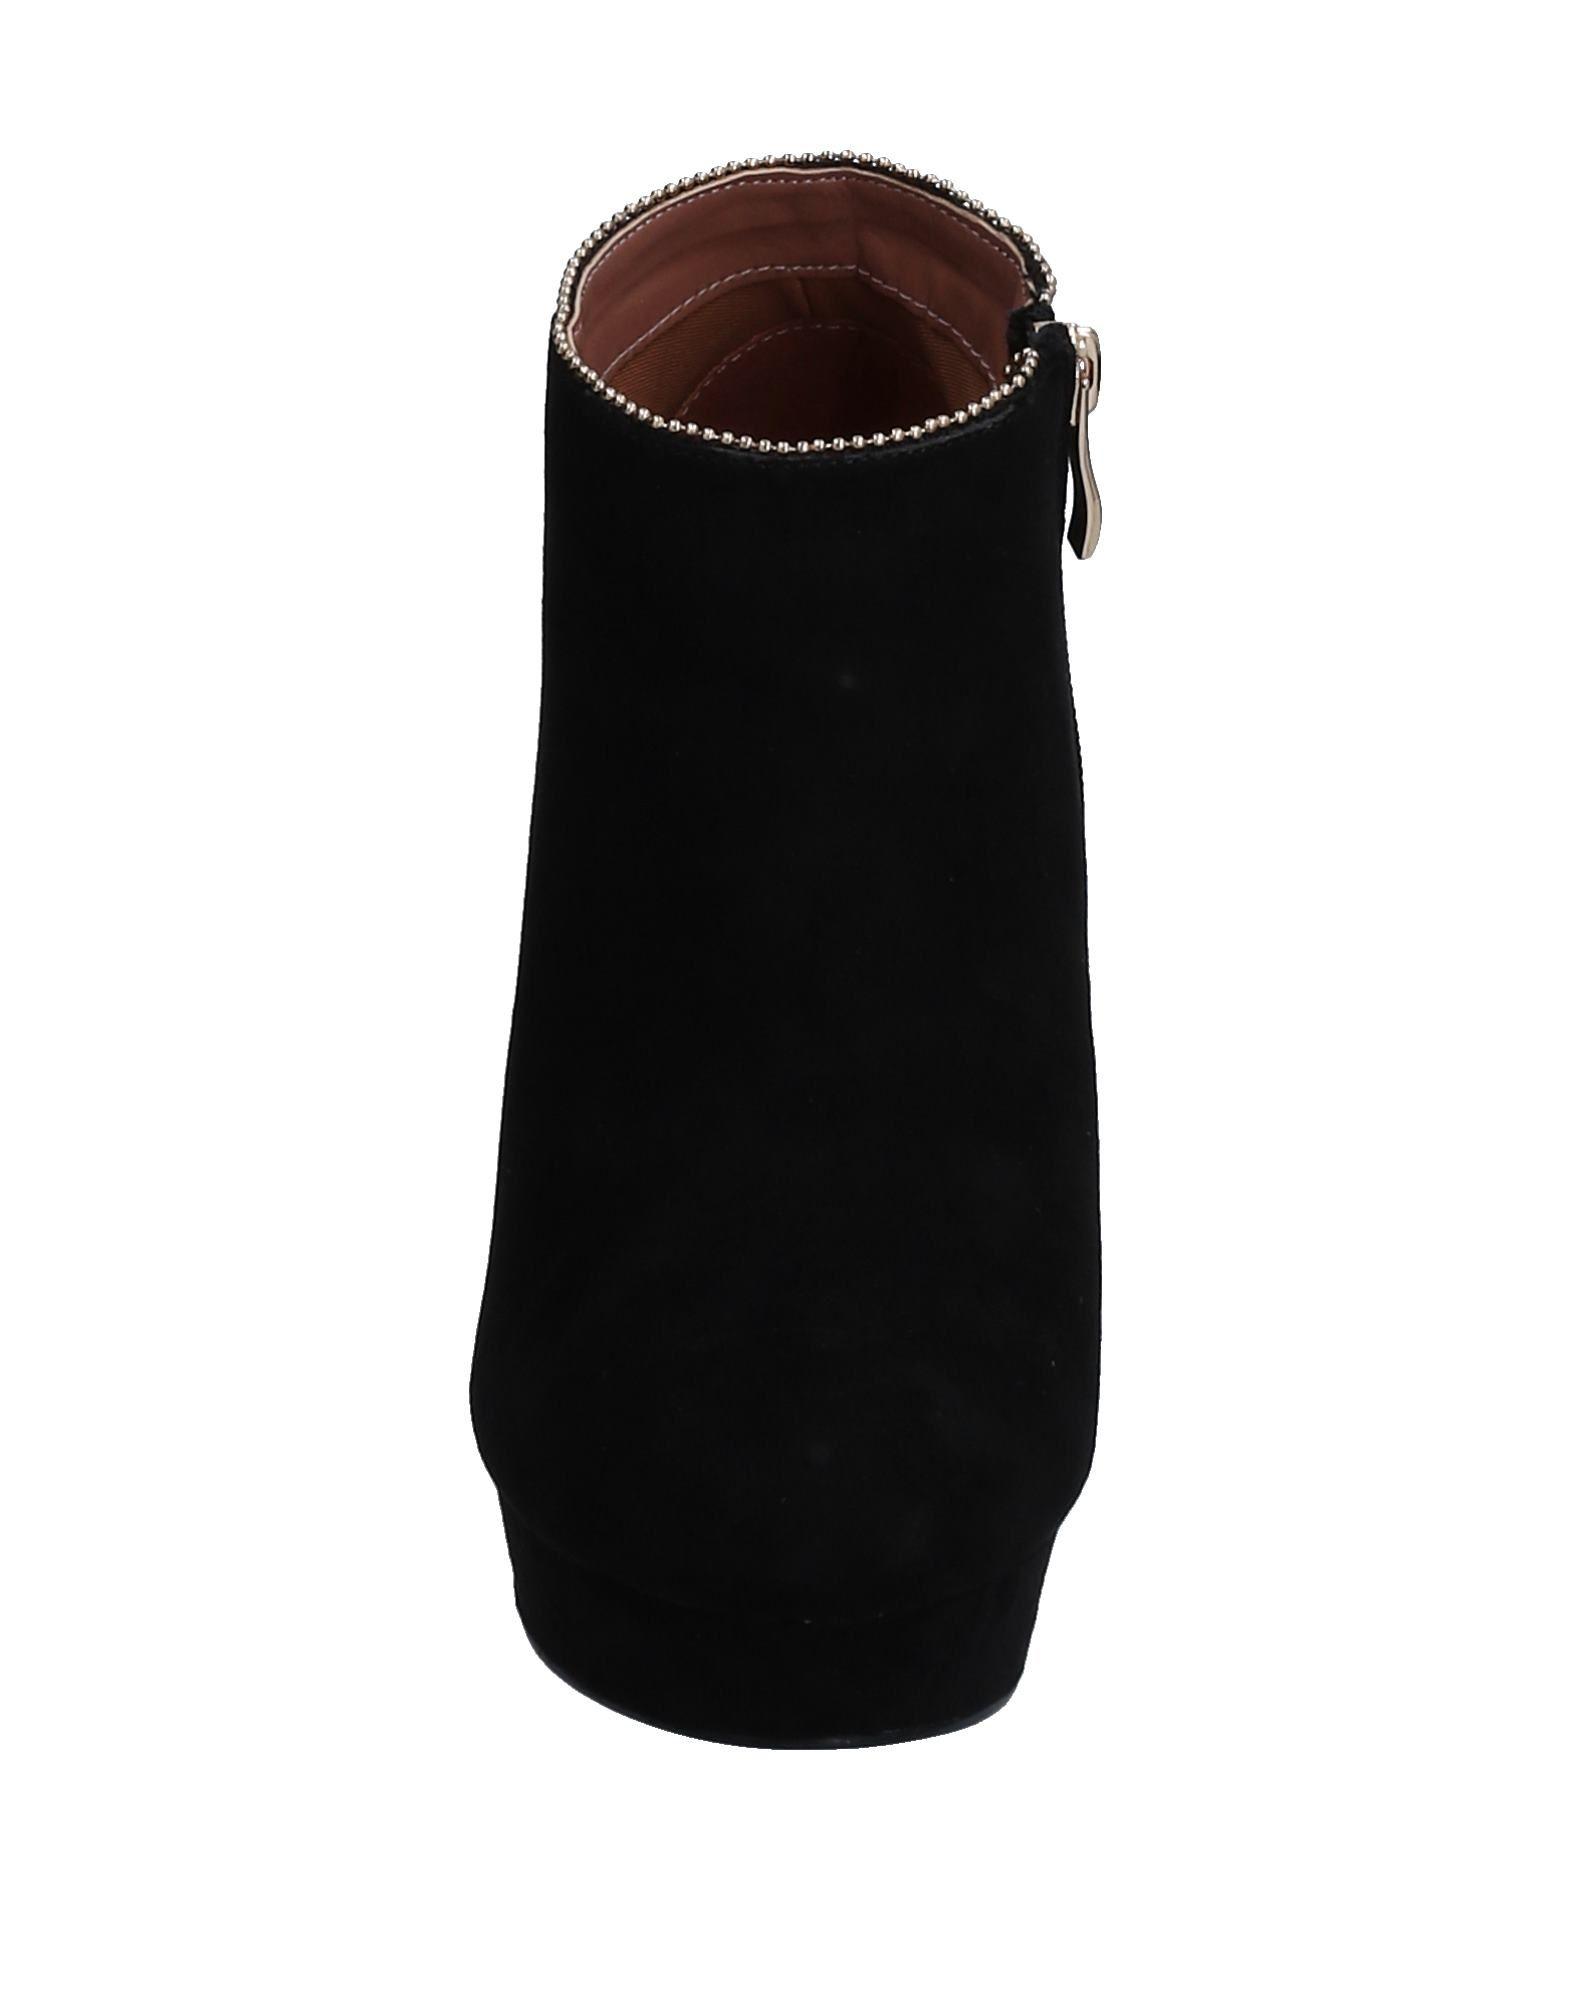 Ikaros Stiefelette Gute Damen  11529248IE Gute Stiefelette Qualität beliebte Schuhe 51f657